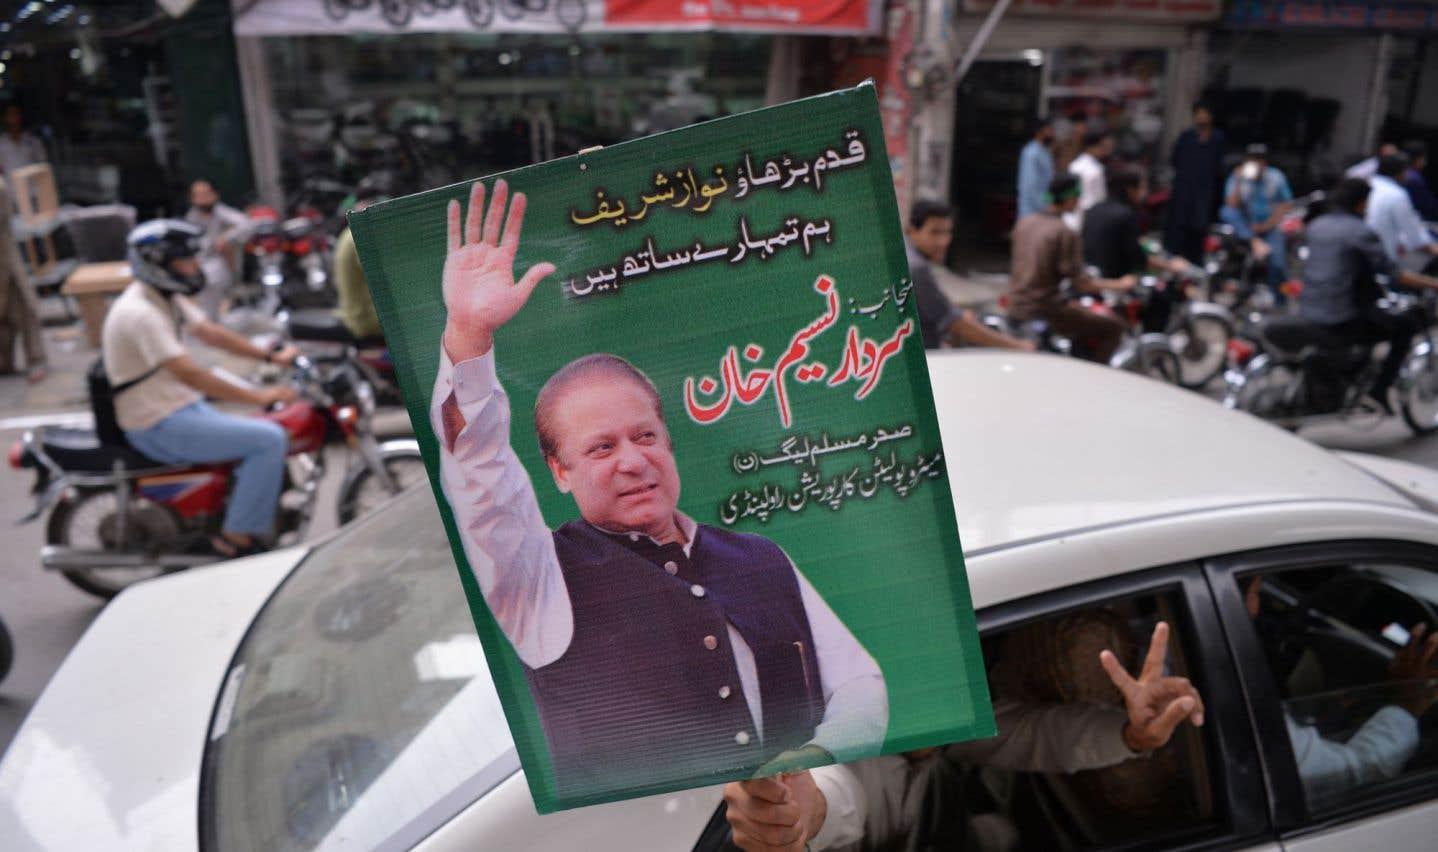 Le premier ministre Nawaz Sharif, destitué par la Cour suprême pour corruption, a passé le relais à son frère Shahbaz, qui devrait selon toute probabilité lui succéder à la tête du gouvernement après une période d'intérim.